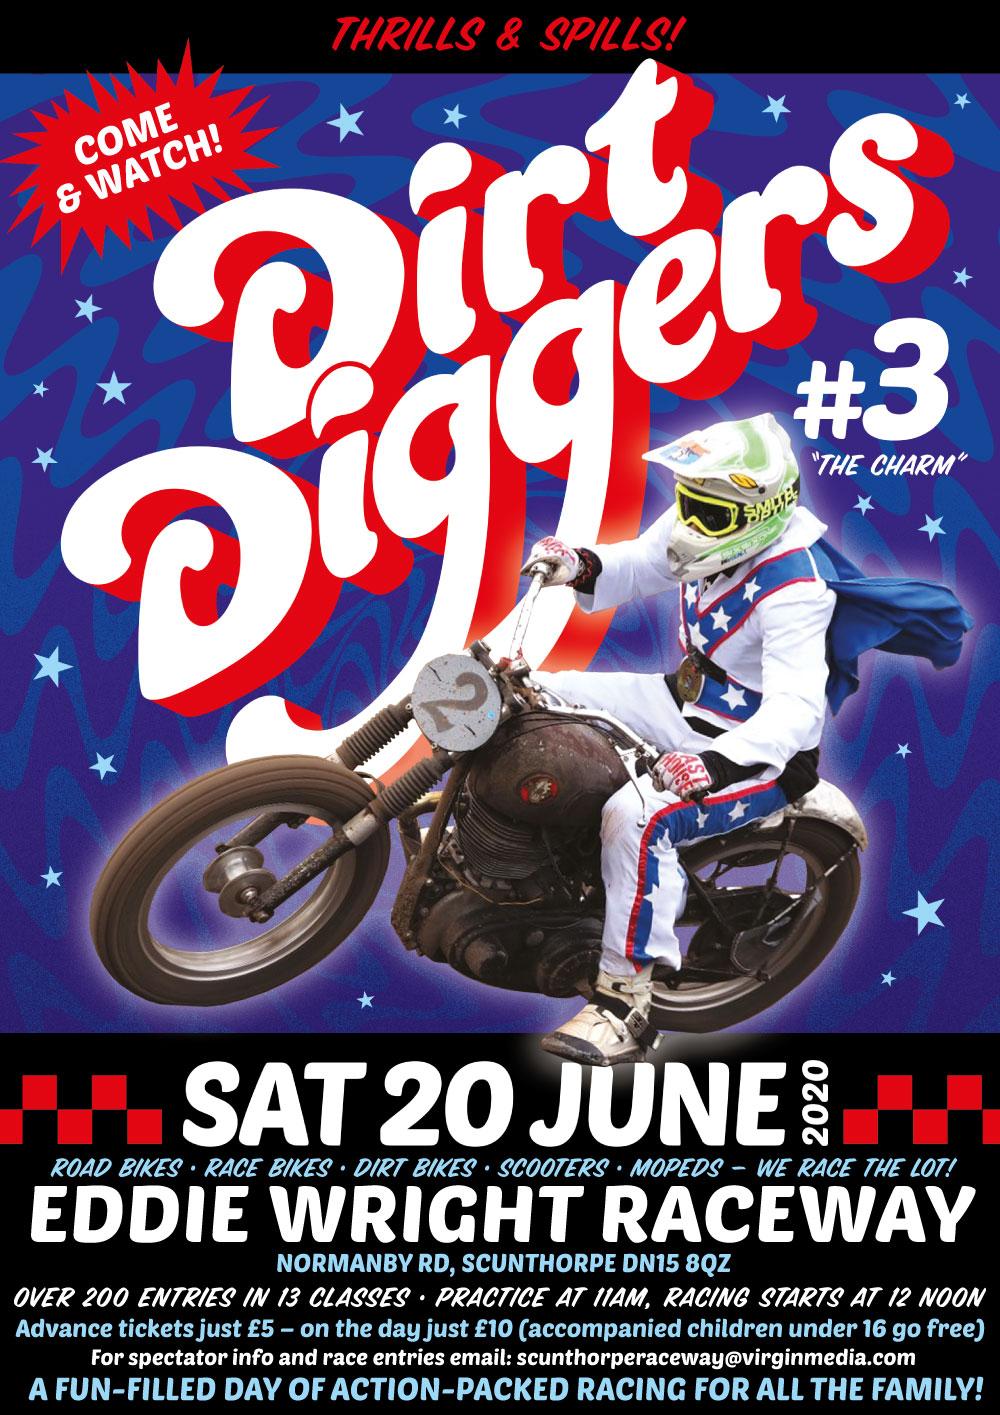 Dirt-Diggers-specs-poster-2020